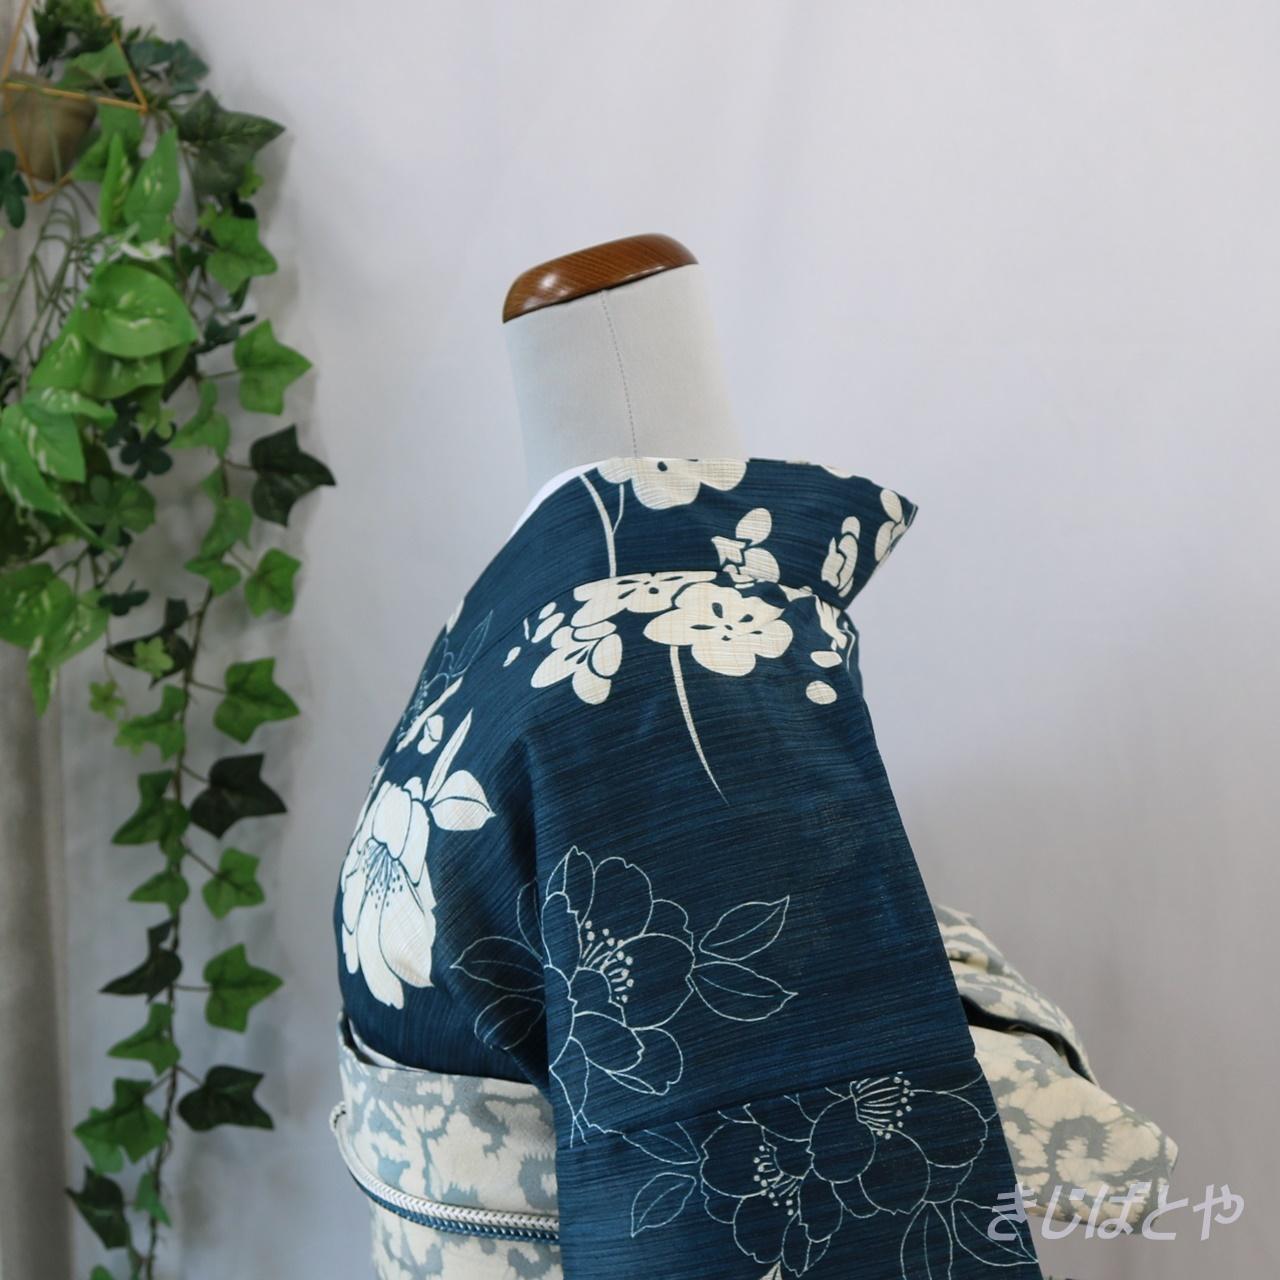 綿麻 藍に花の浴衣